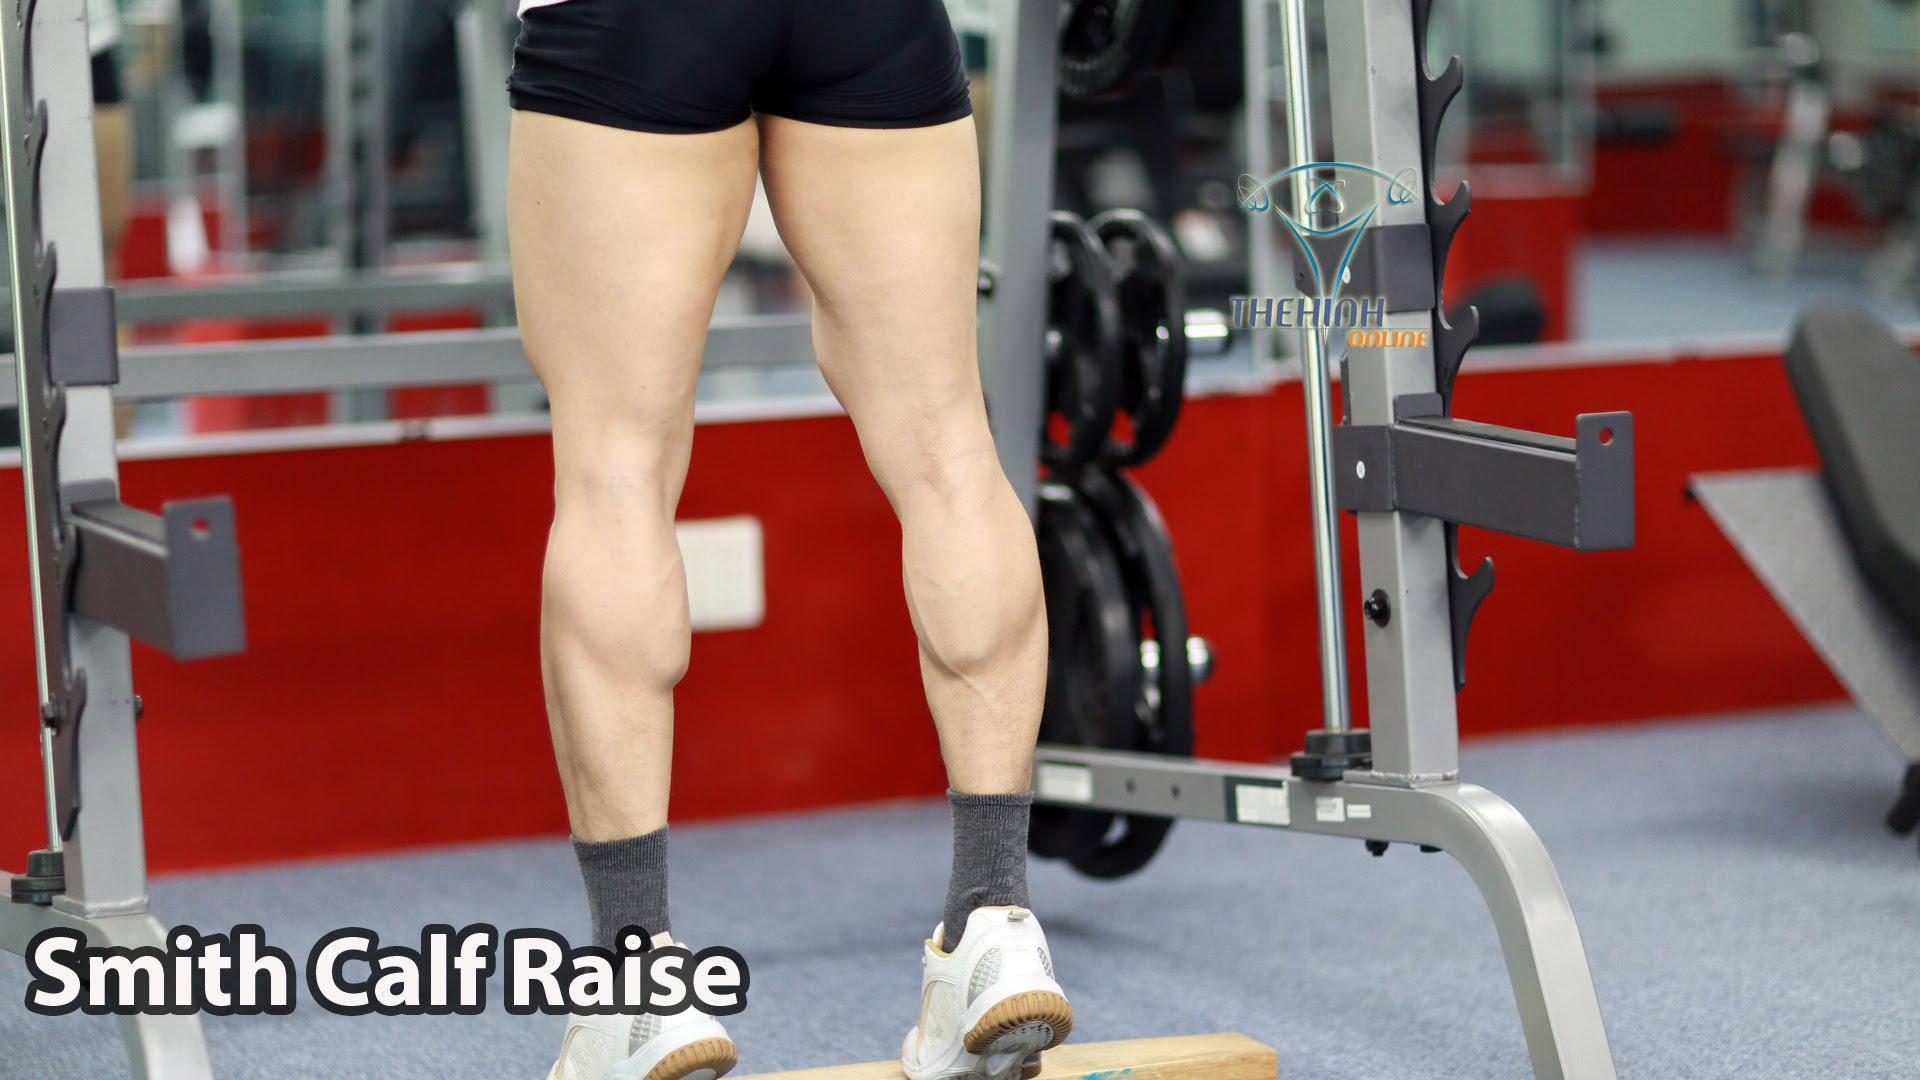 Video Smith Calf Raise Tập Thể Hình Cơ Bắp Chân